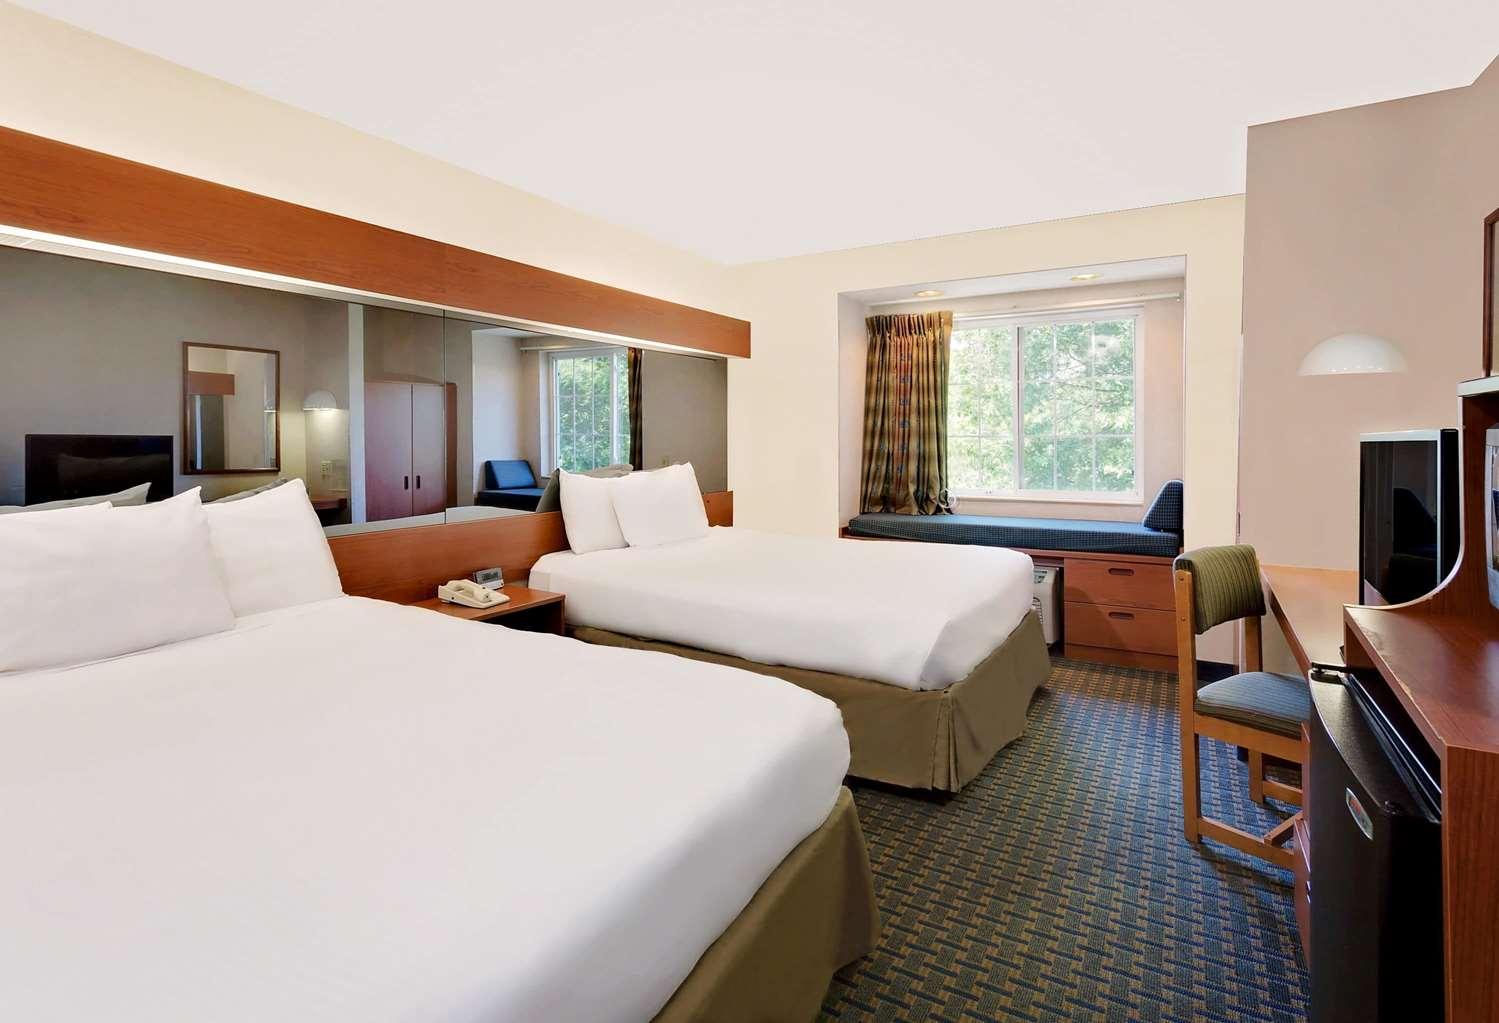 Room - Microtel Inn by Wyndham Winston-Salem